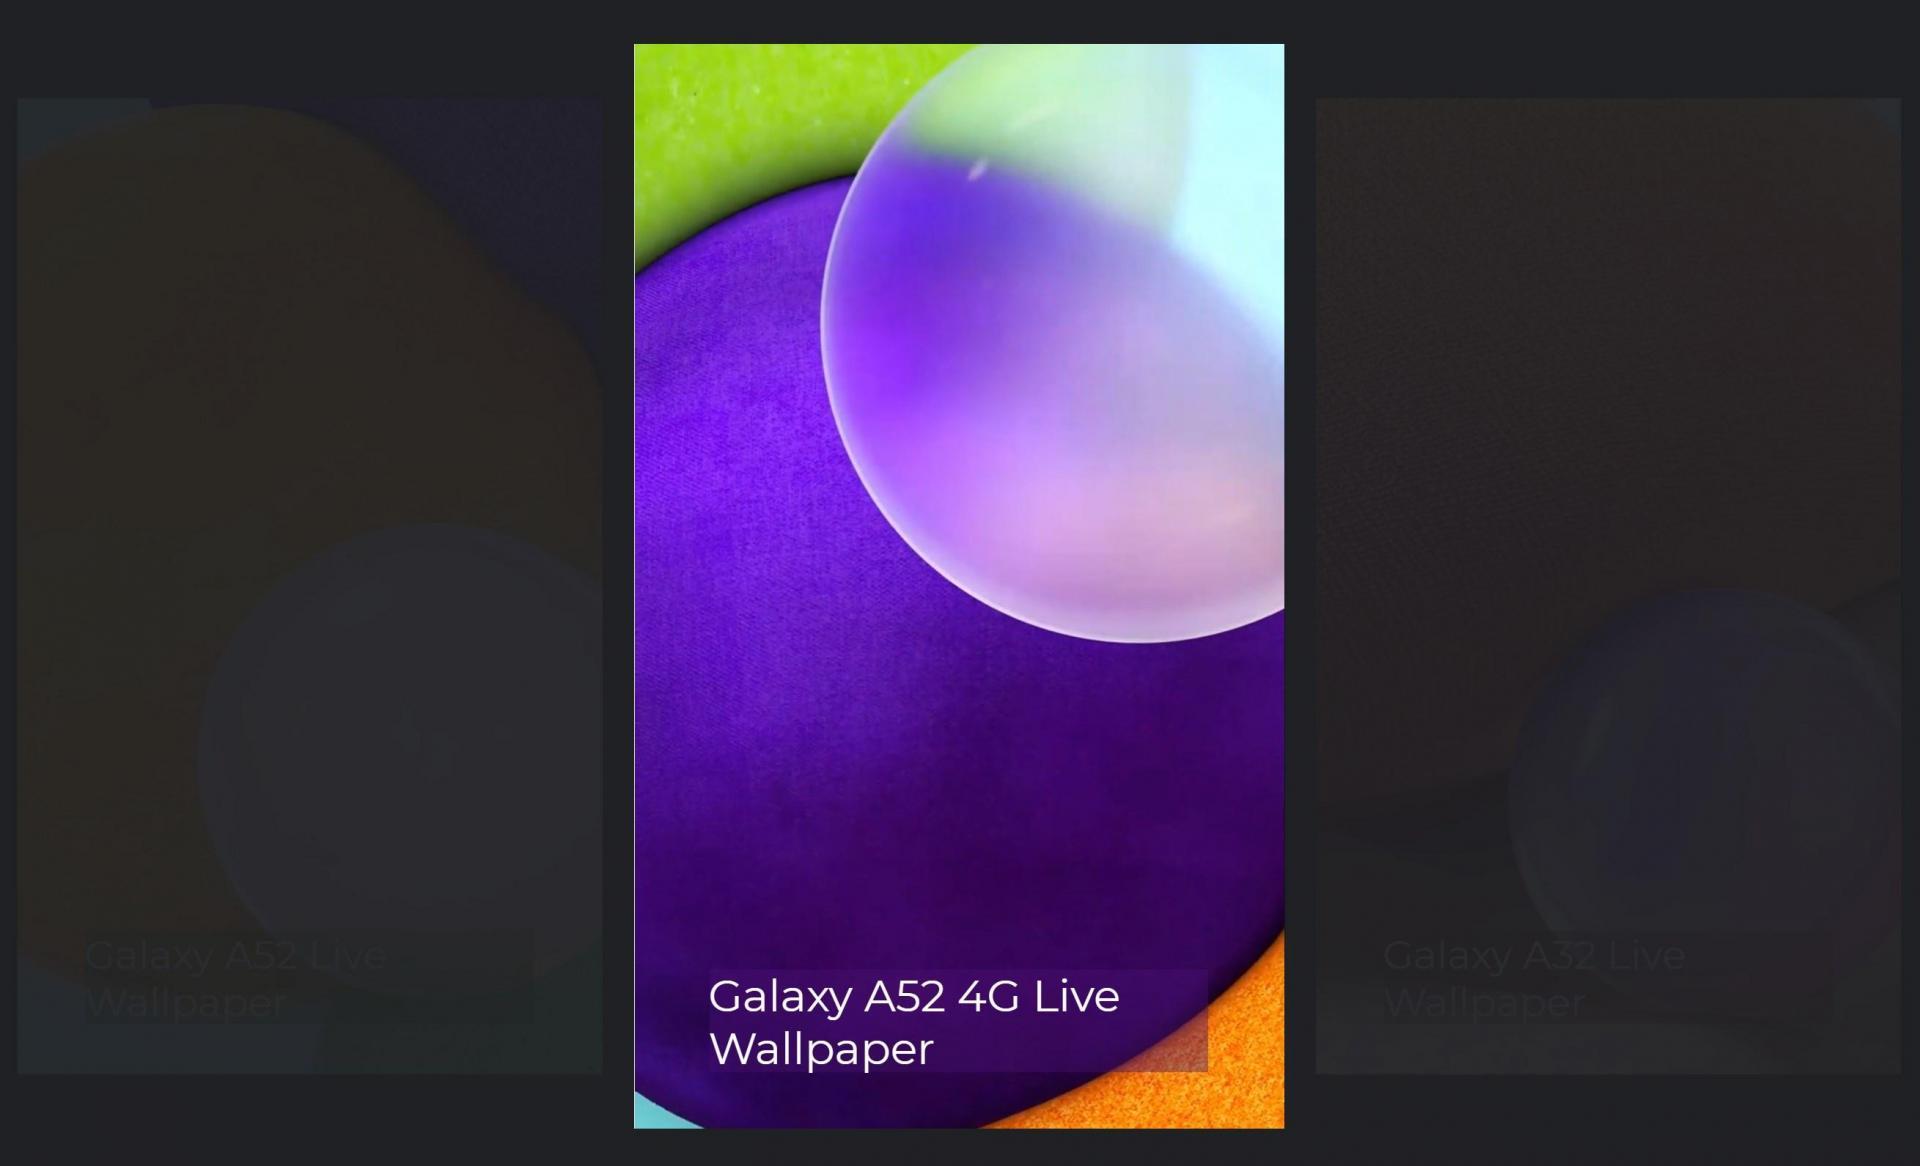 Живые обои со смартфонов Samsung Galaxy A82, A72, A52 доступны для скачивания